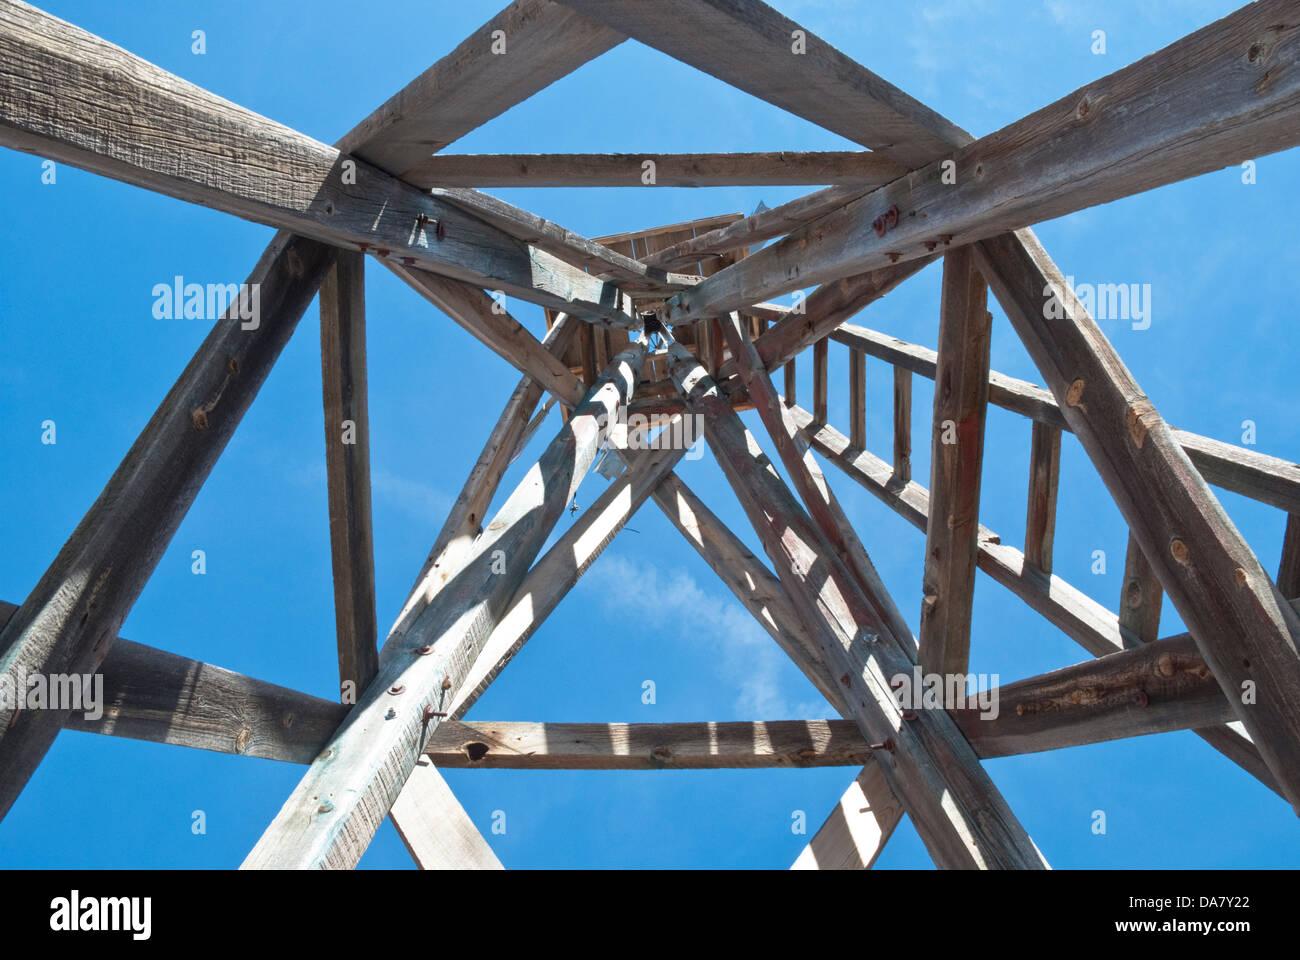 Un vecchio mulino a vento dispone di affascinanti forme geometriche quando visto dal di sotto. Immagini Stock